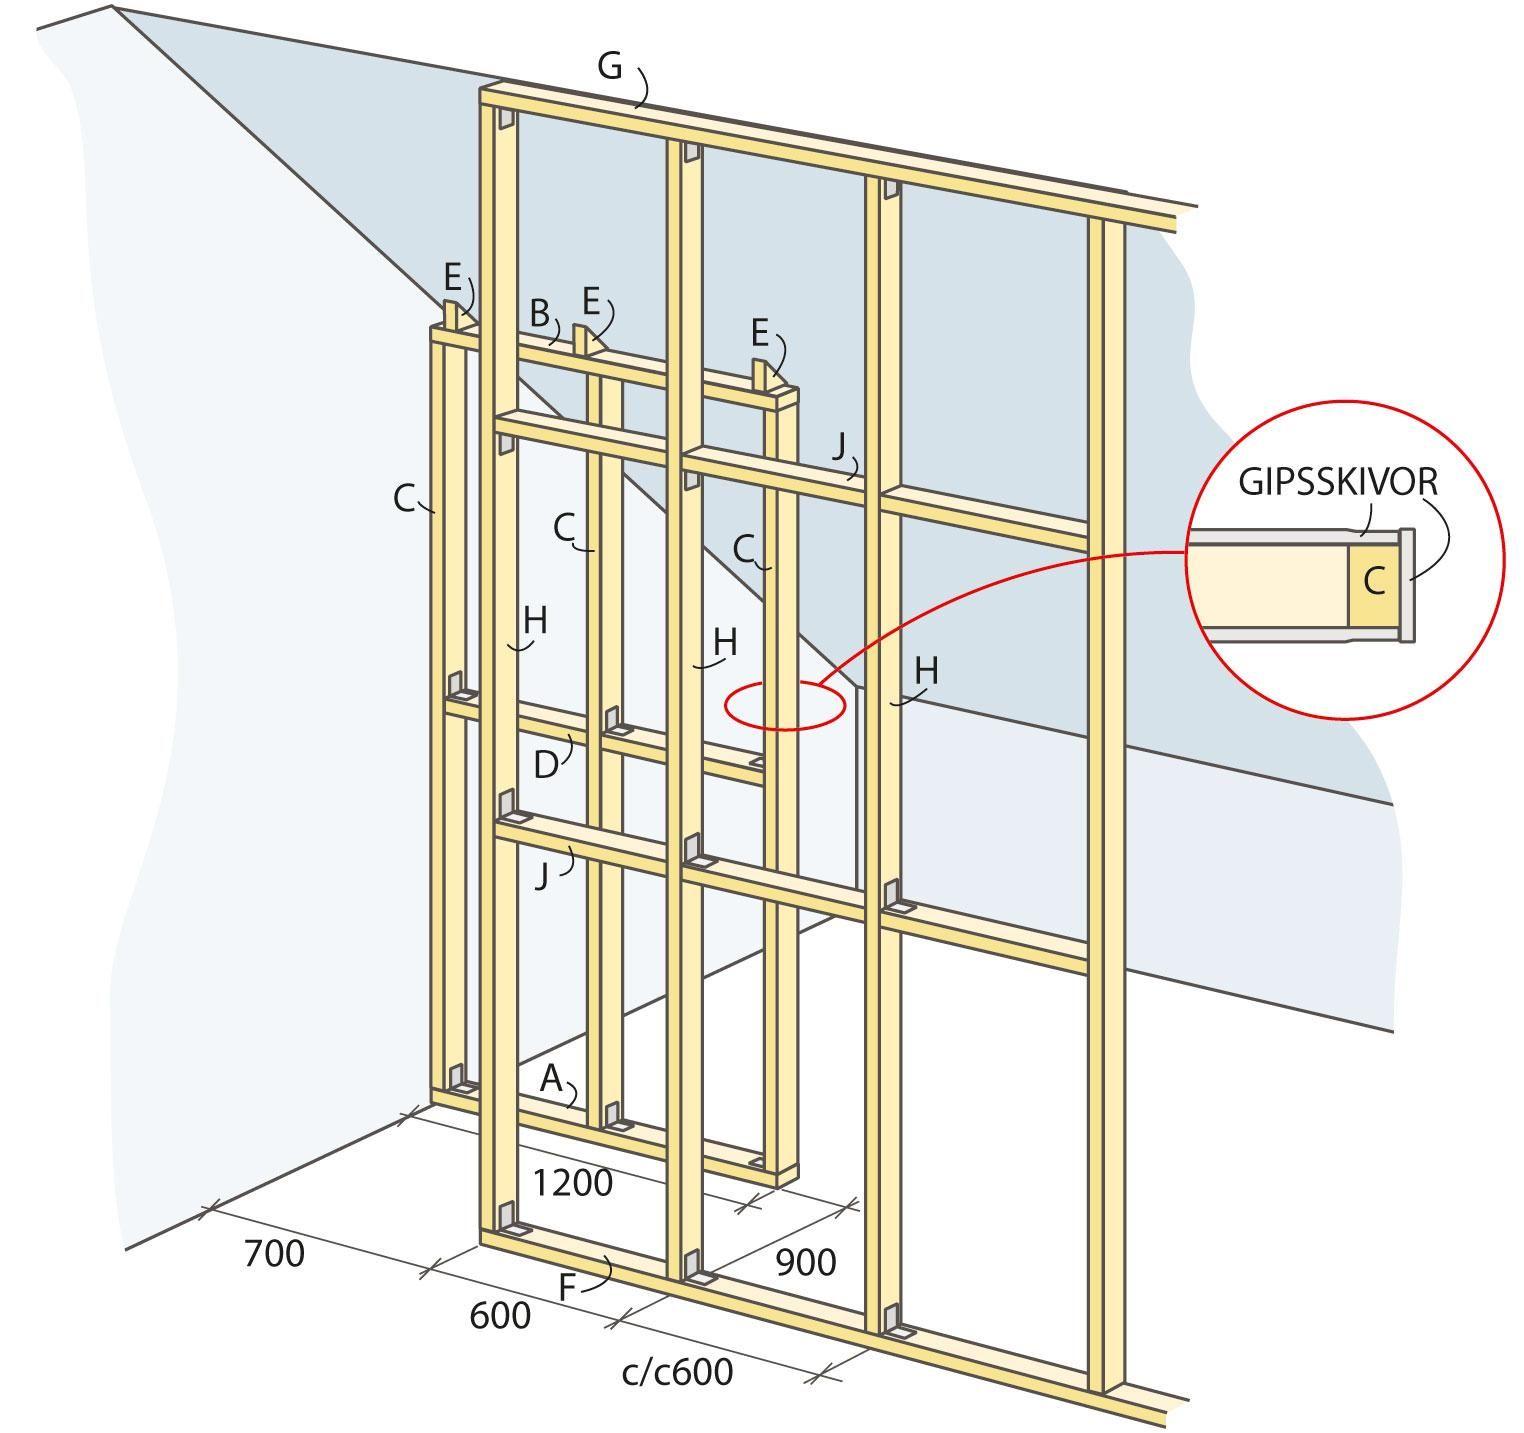 Closets Med Diagrams Free Vehicle Wiring Closet Equipment En Walk In Vill V L Alla Ha Har Du Rum Snedtak Blir Det Rh Pinterest Com Au Idf